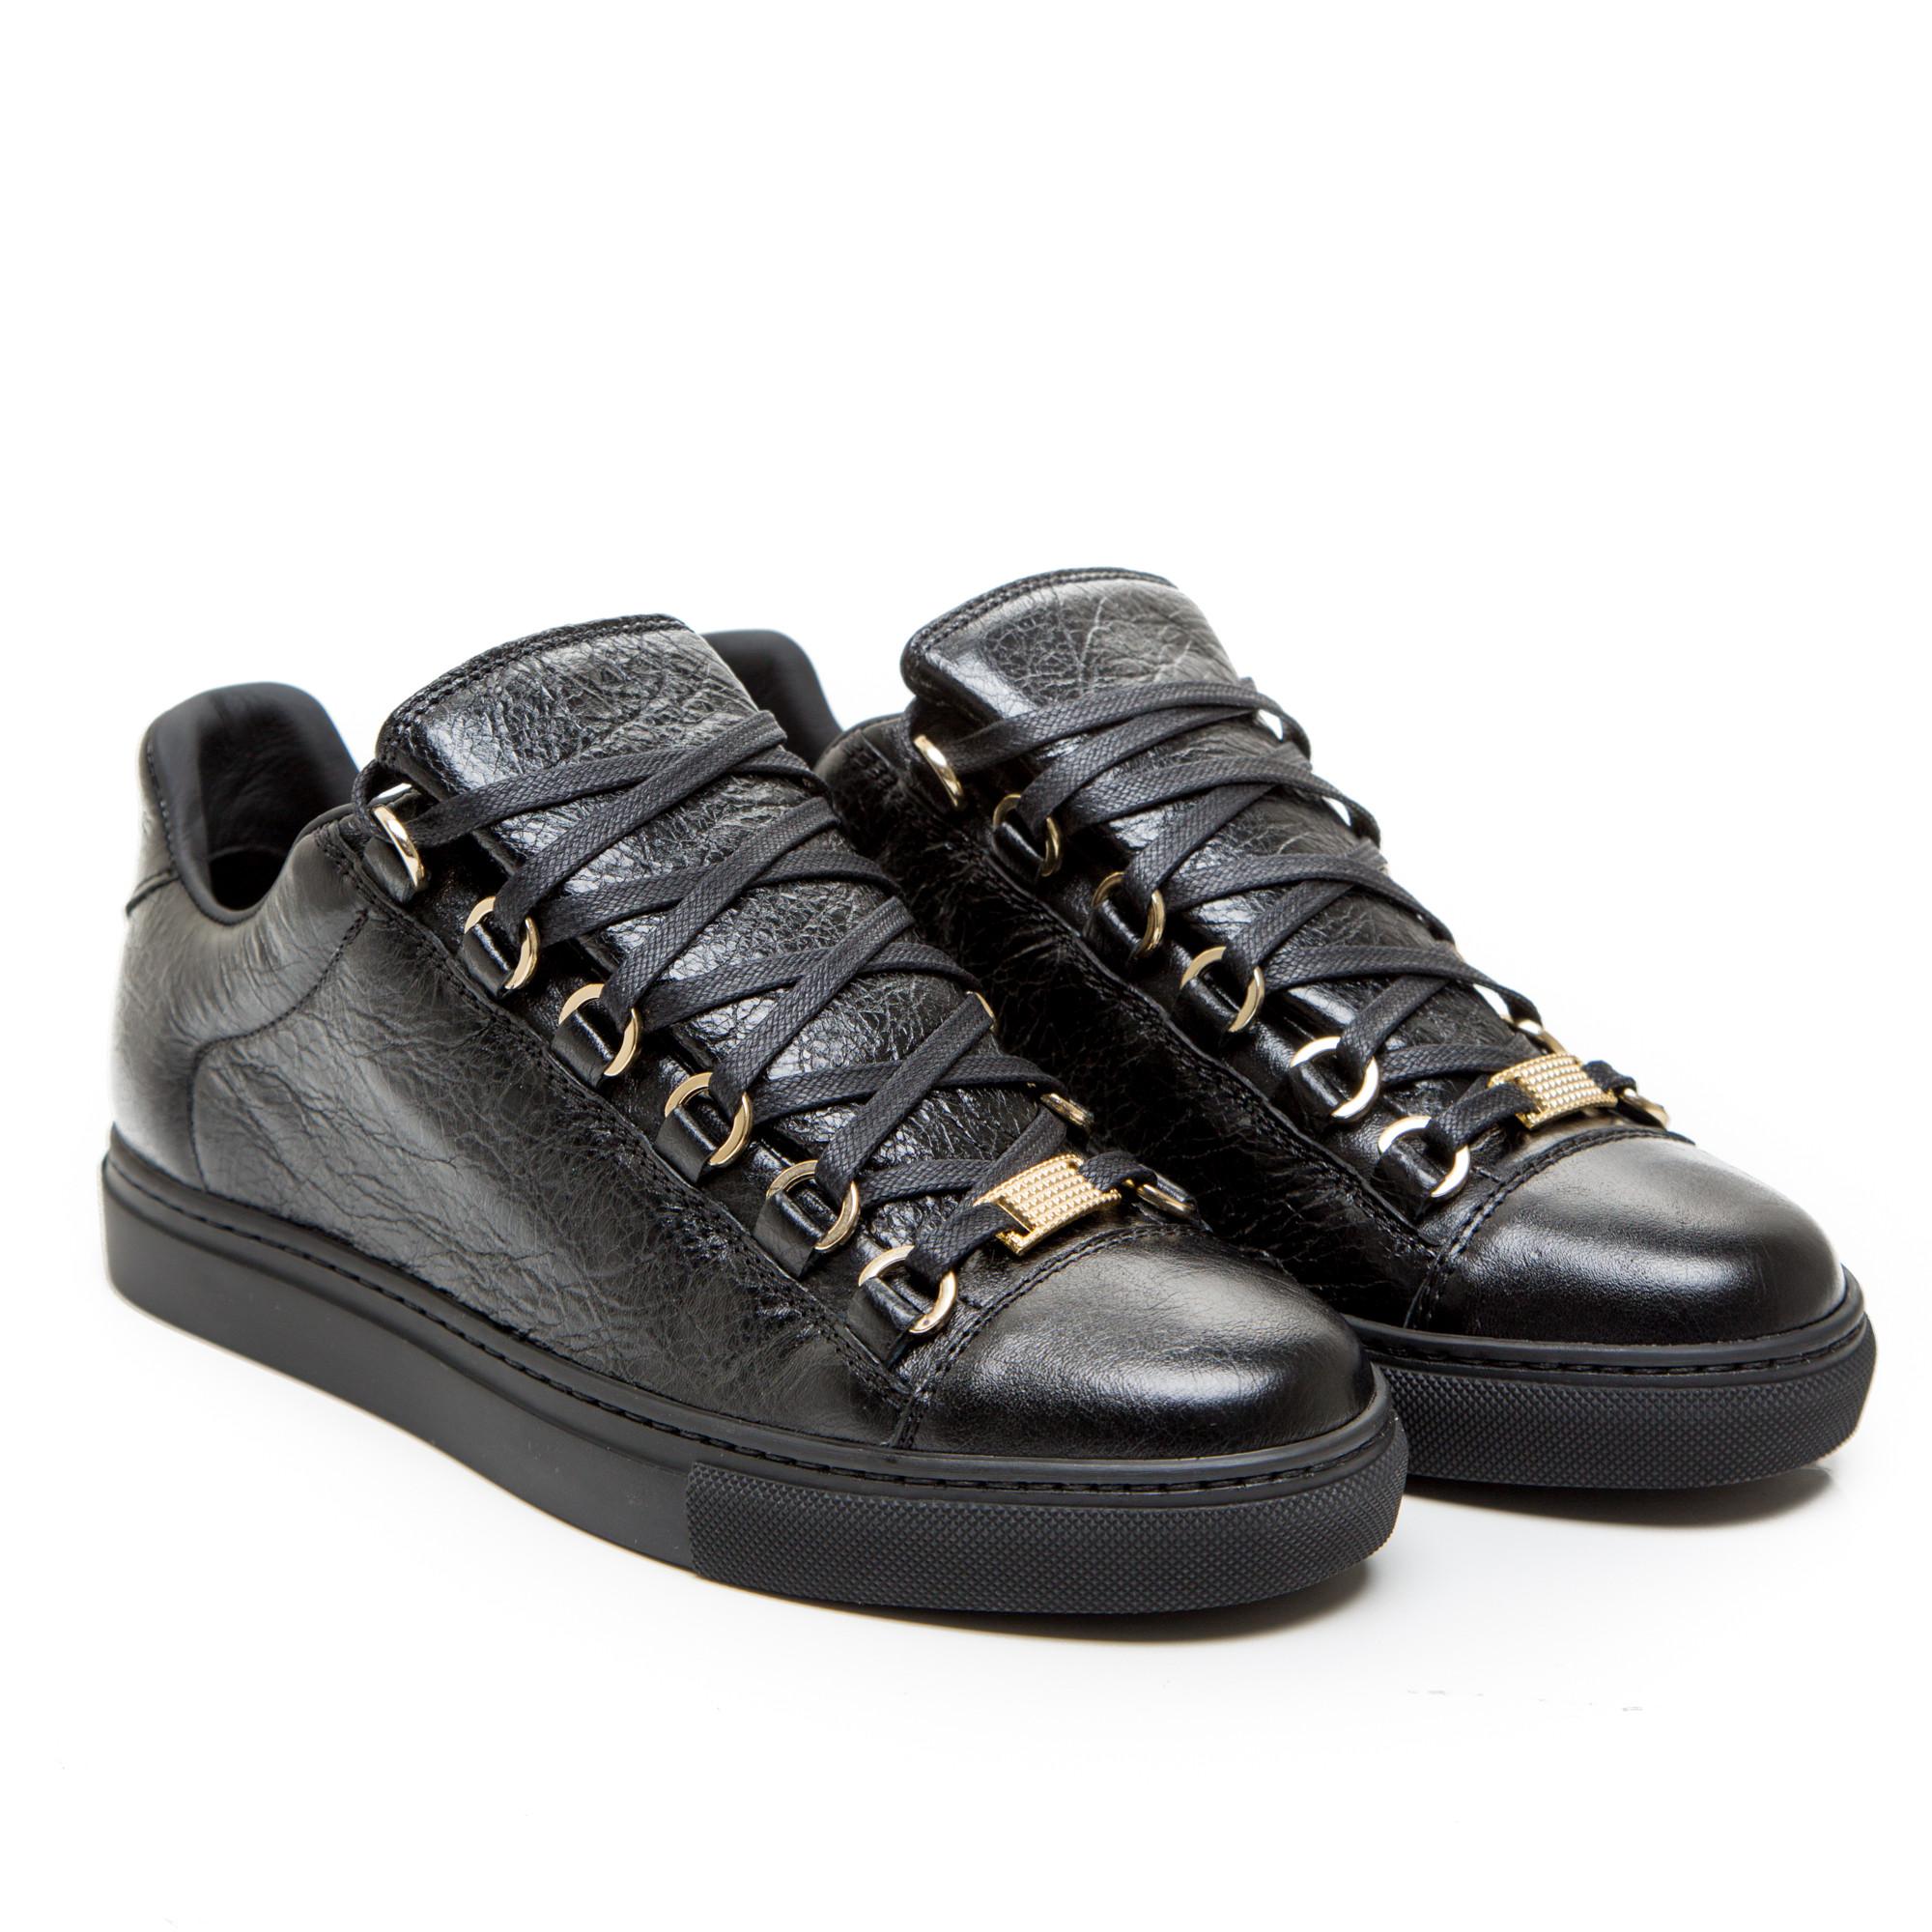 Arène Chaussures Noires Pour Les Hommes gLHcj